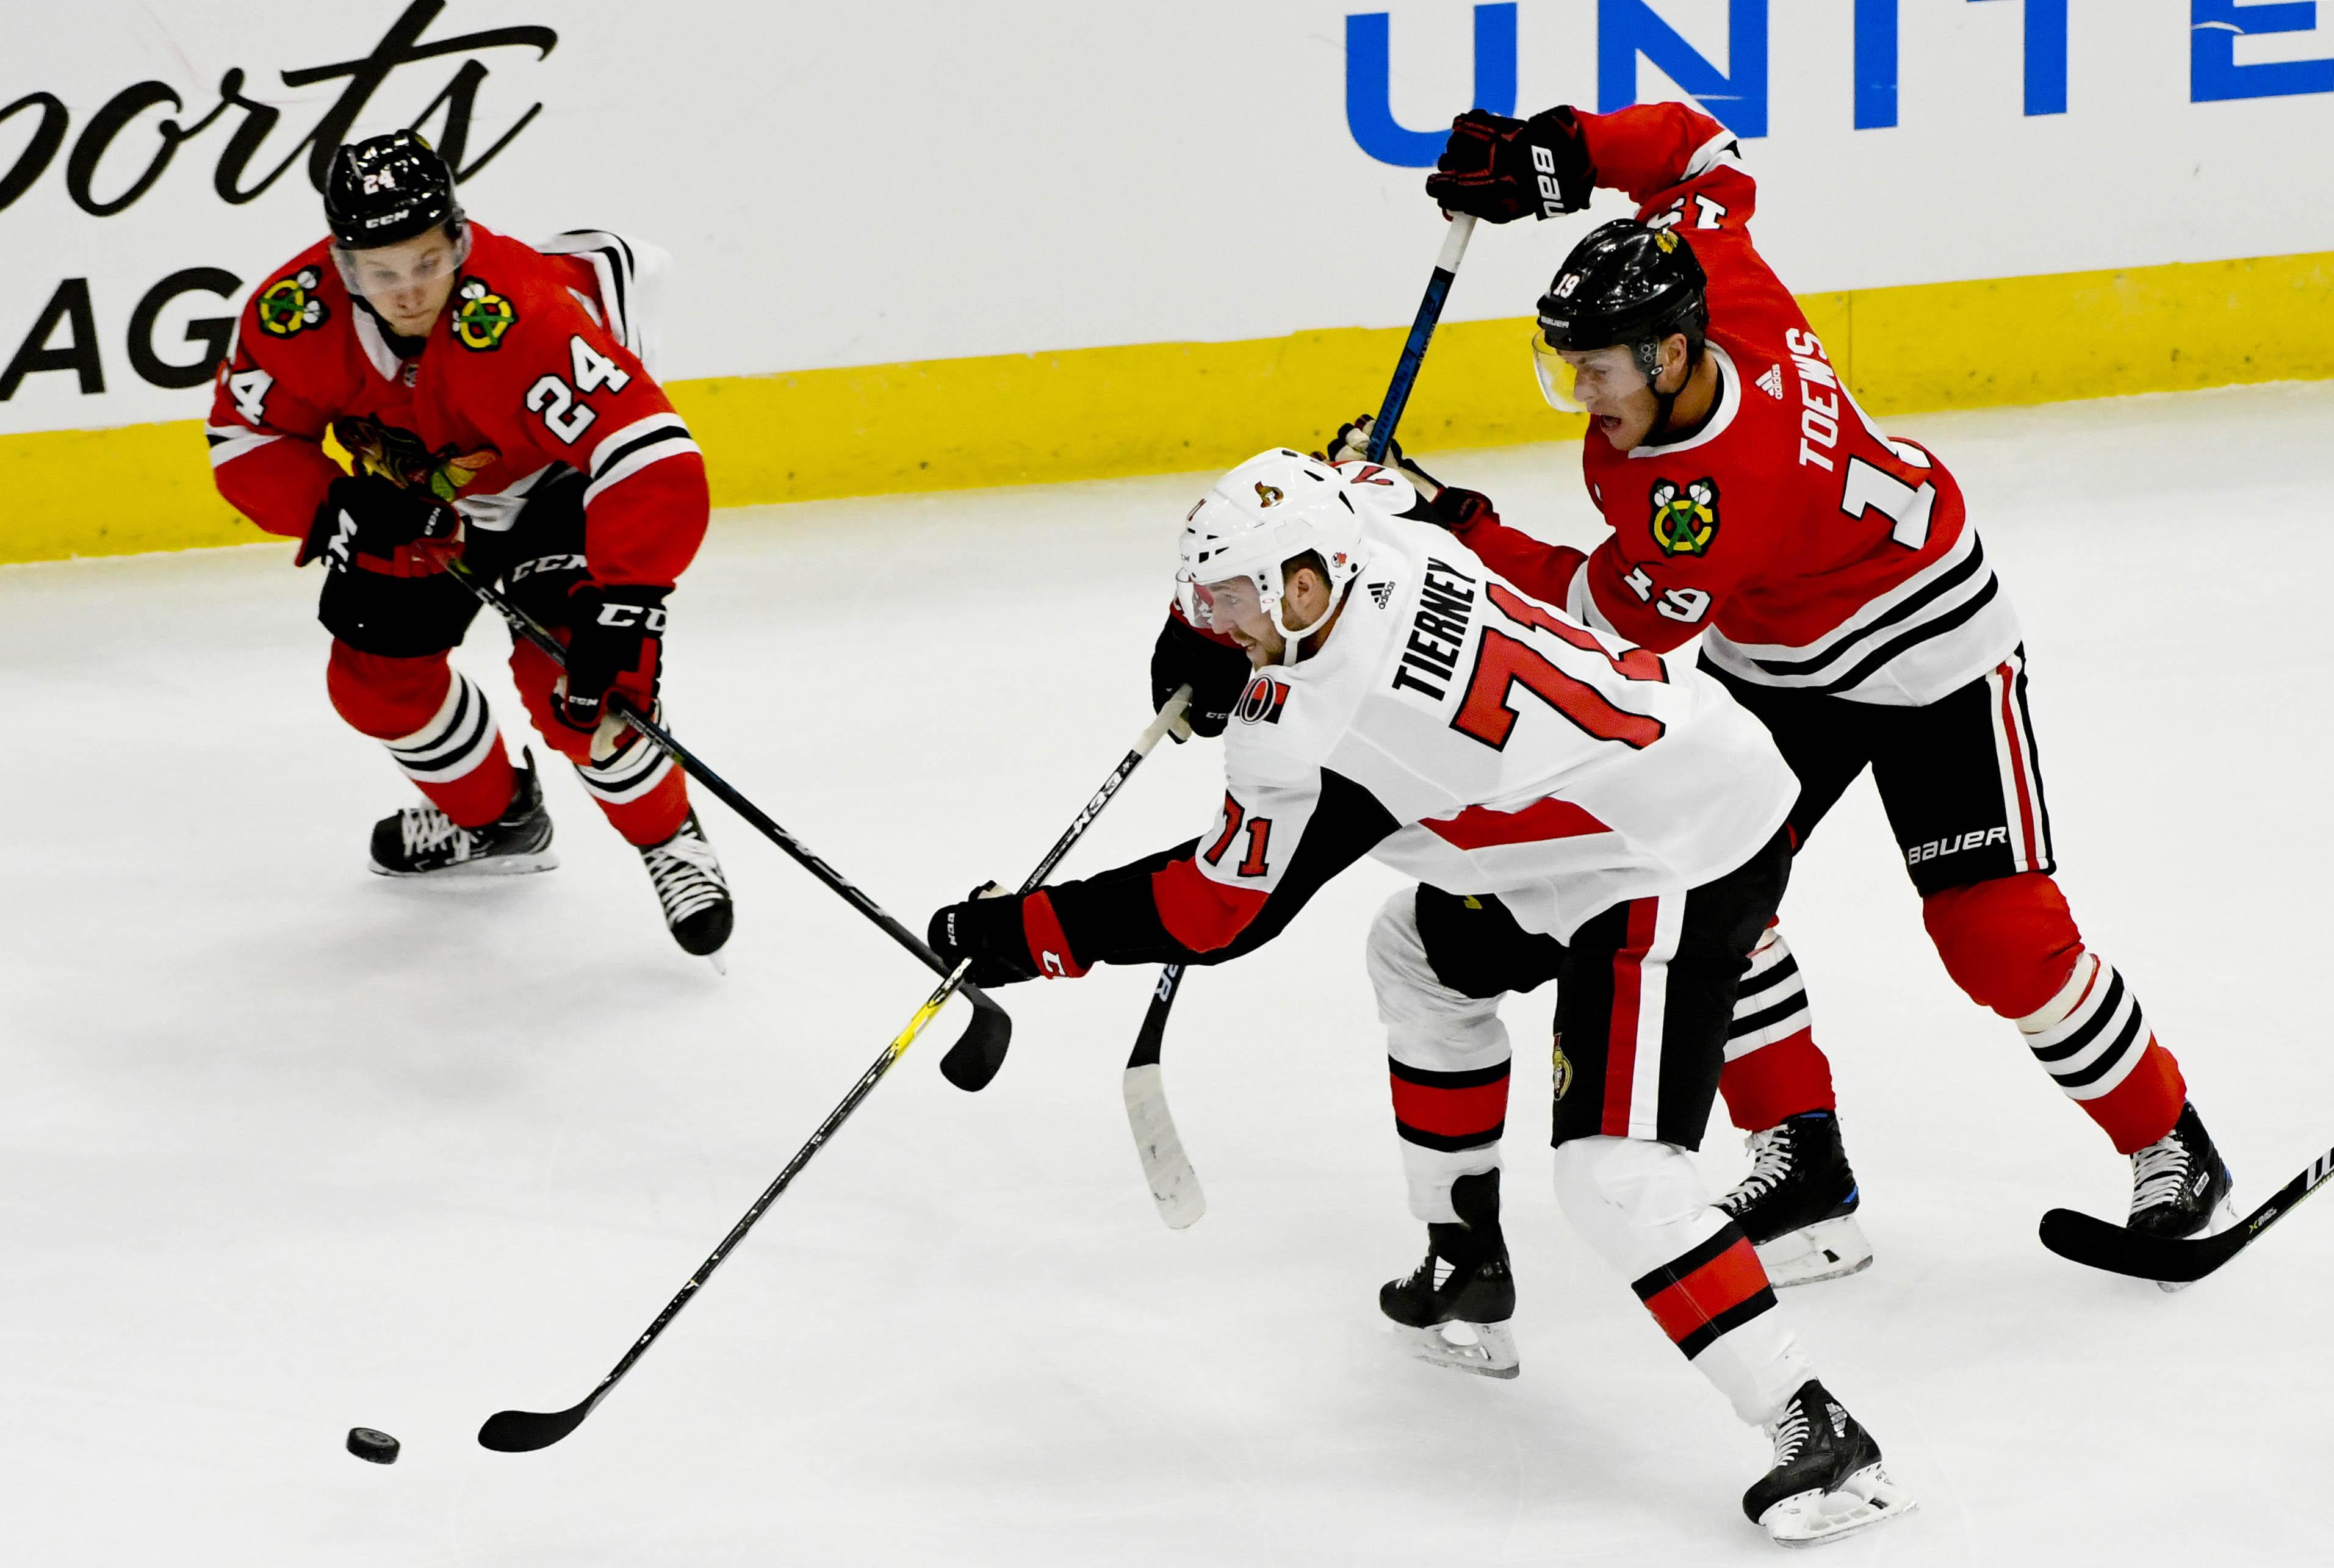 NHL: Preseason-Ottawa Senators at Chicago Blackhawks